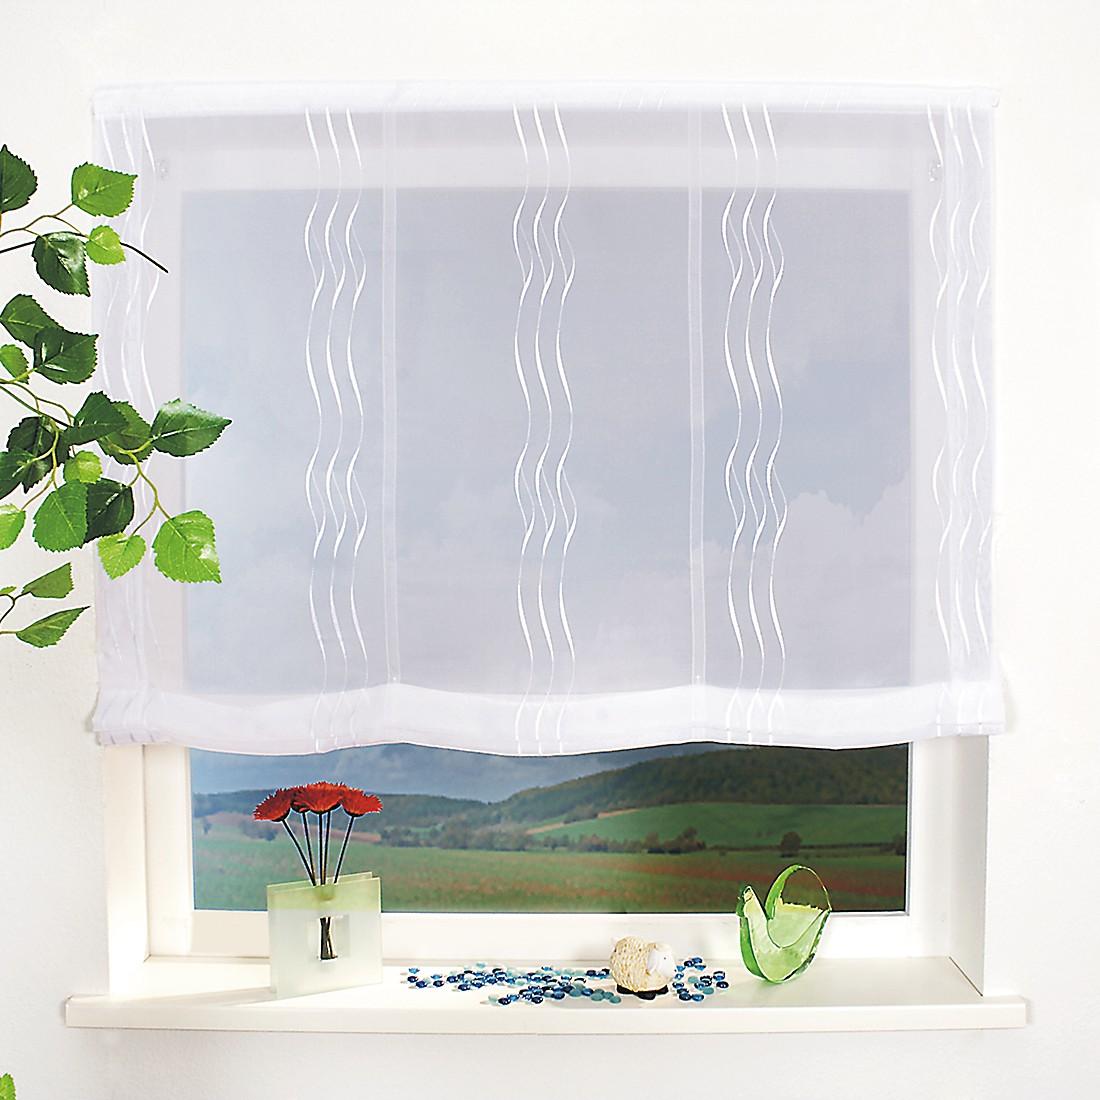 Raffrollo NONA Weiß – 100 x 170 cm, Home24Deko günstig online kaufen